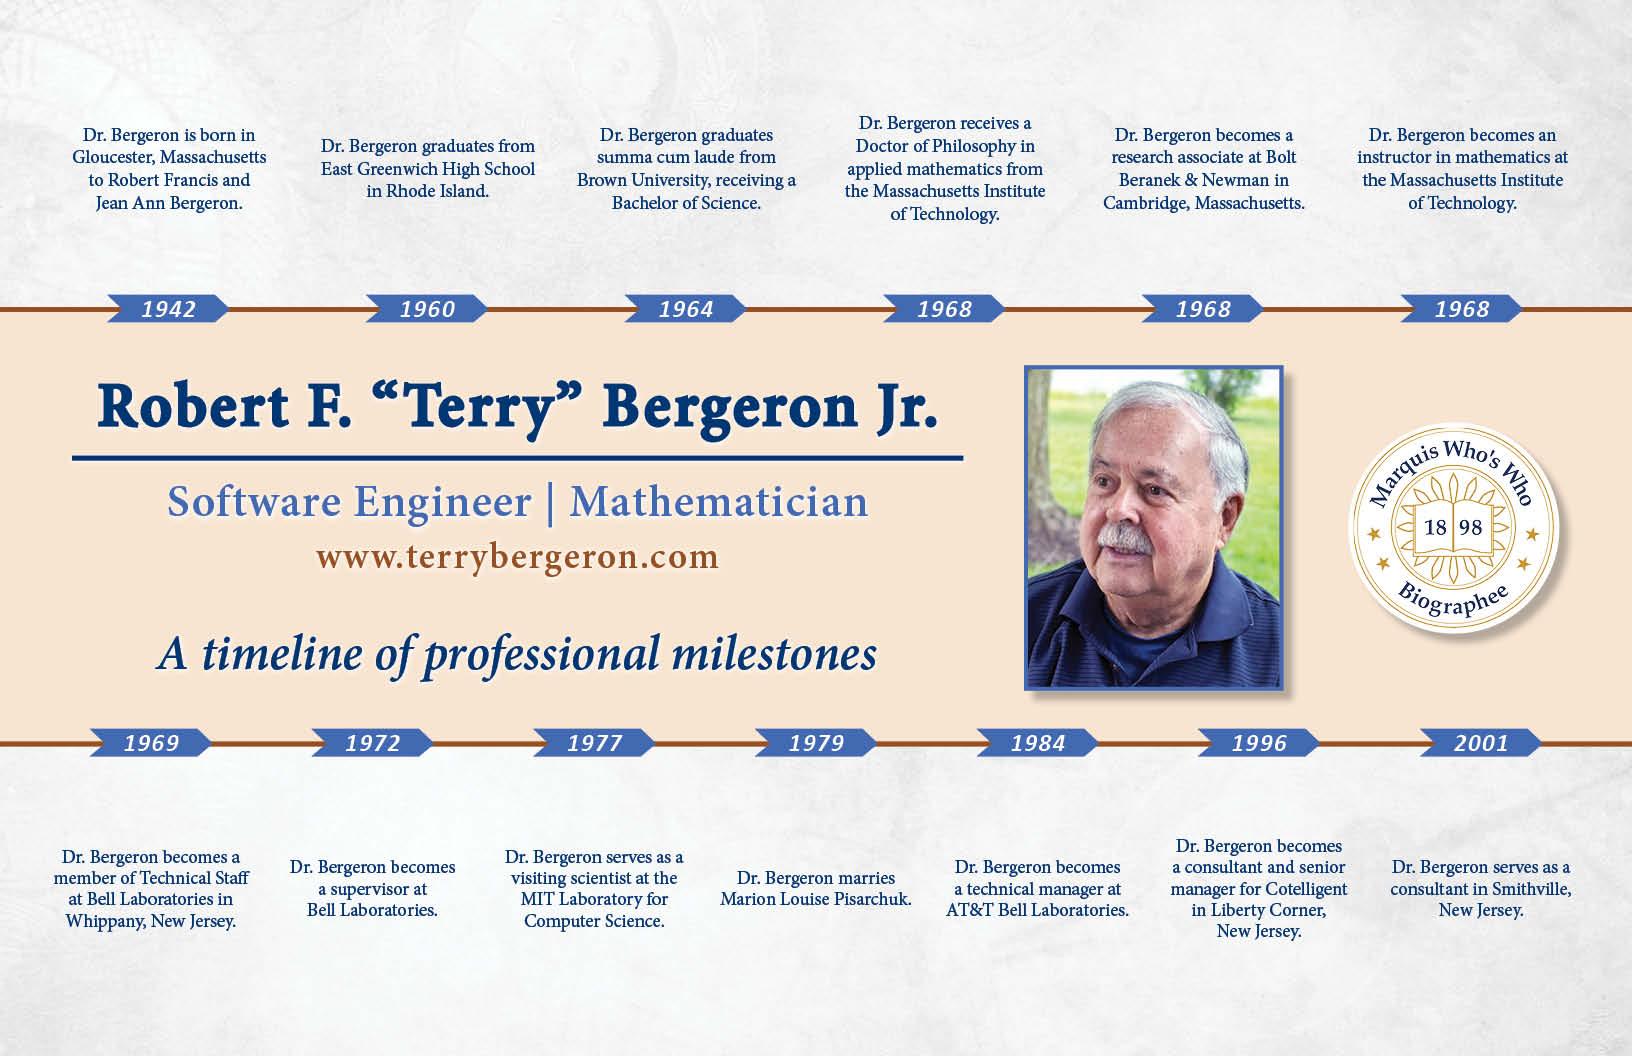 Robert Bergeron